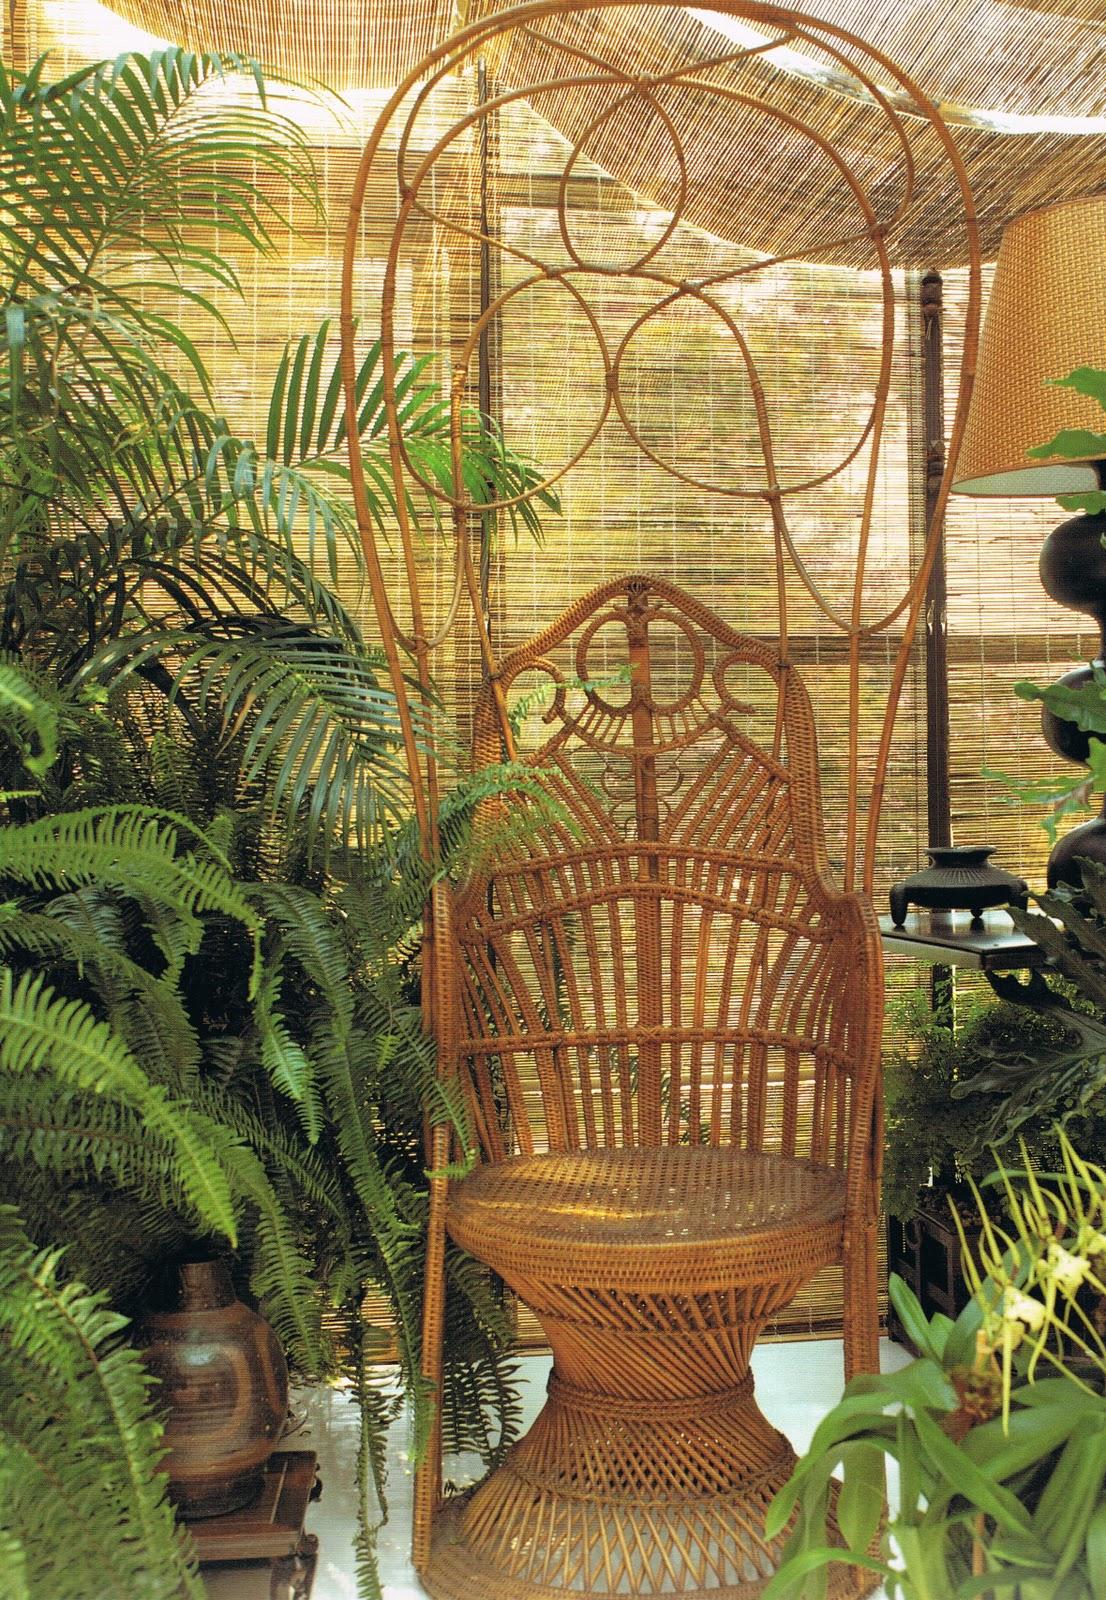 http://3.bp.blogspot.com/-ckKgCIuPK10/TqY6Q6qg81I/AAAAAAAABiw/1auSsCOwago/s1600/peacock+chair.jpg